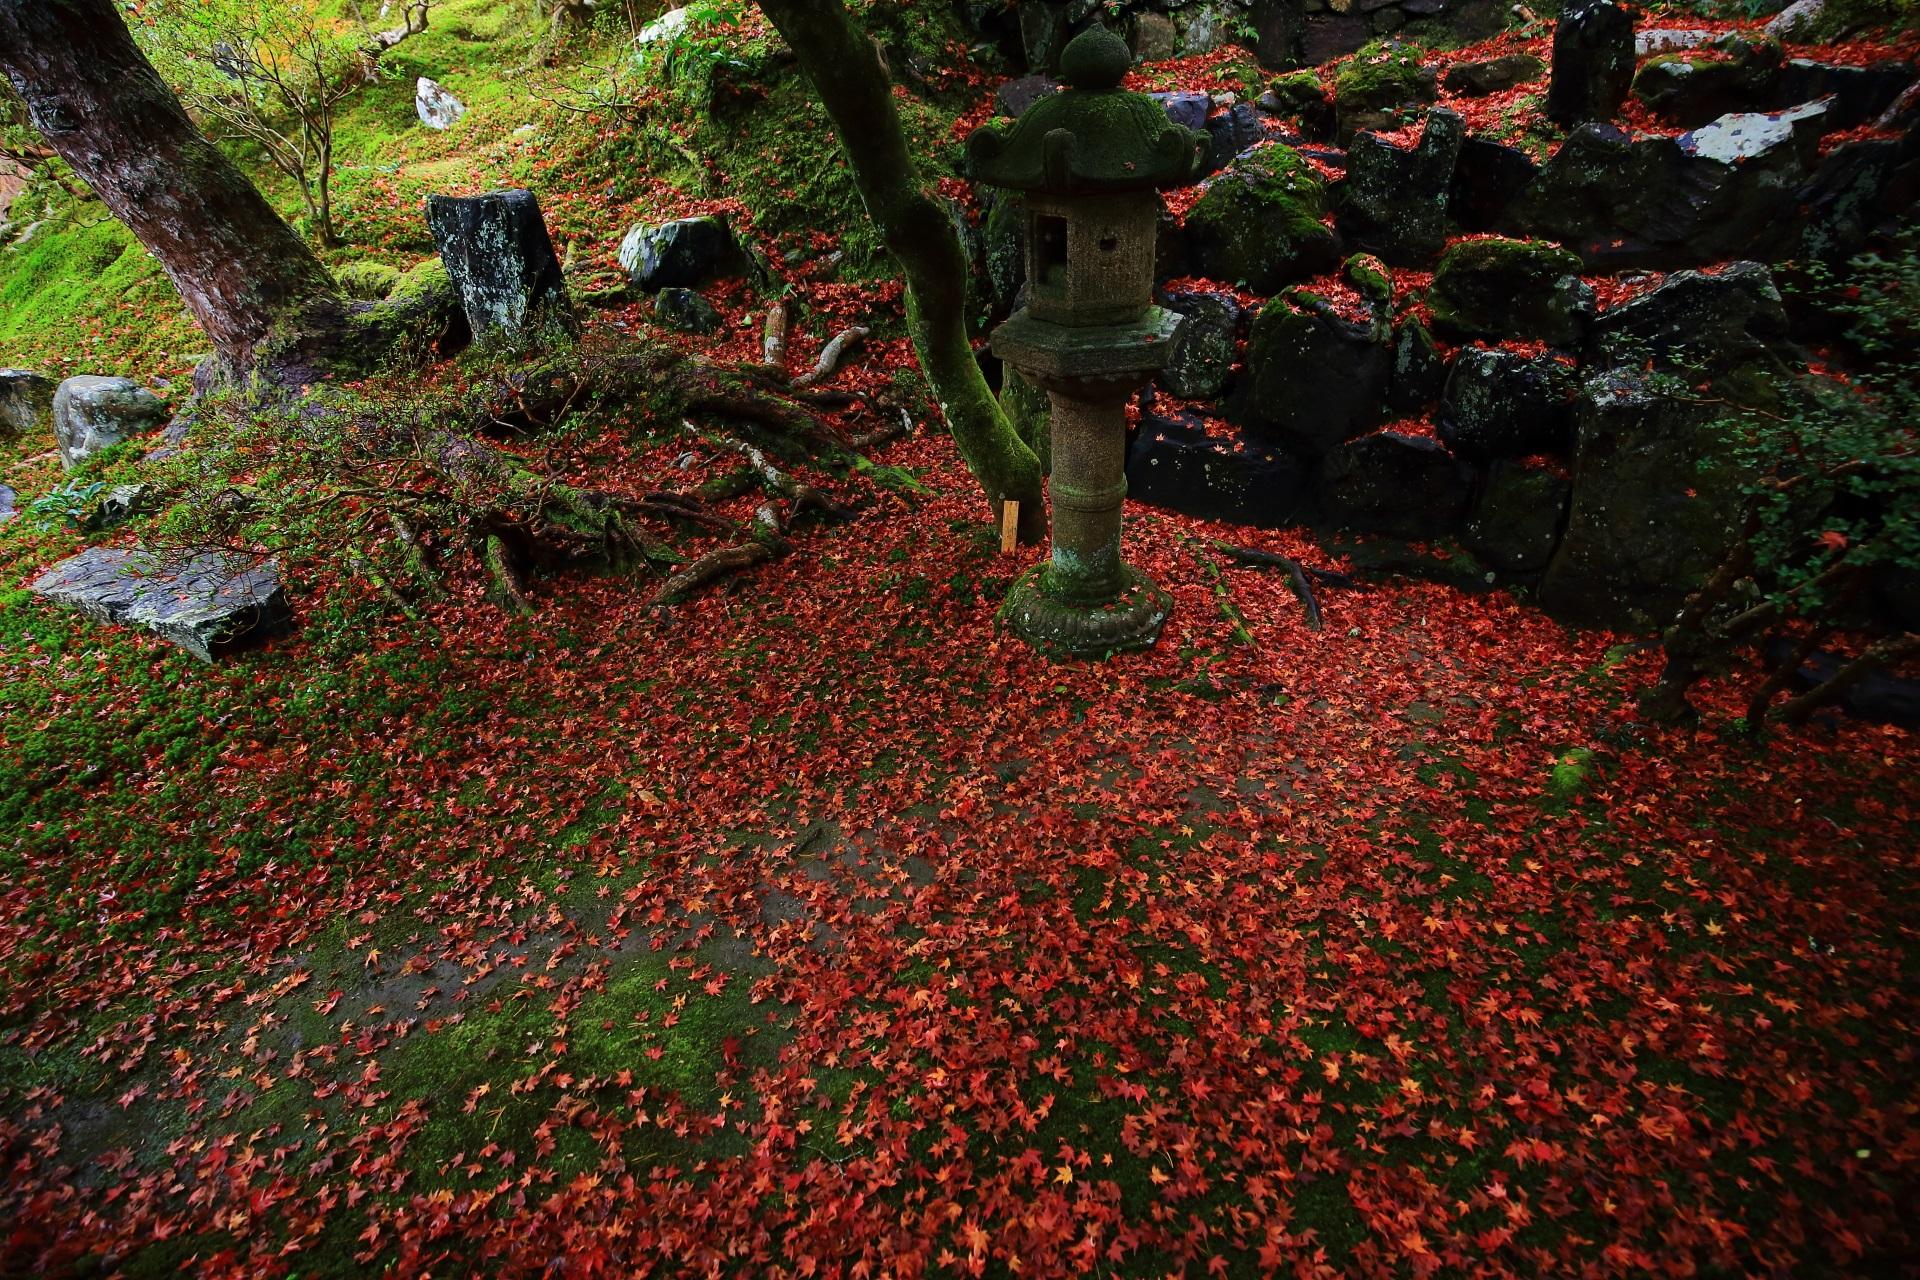 圧巻の散り紅葉につつまれる燈籠や岩の築山